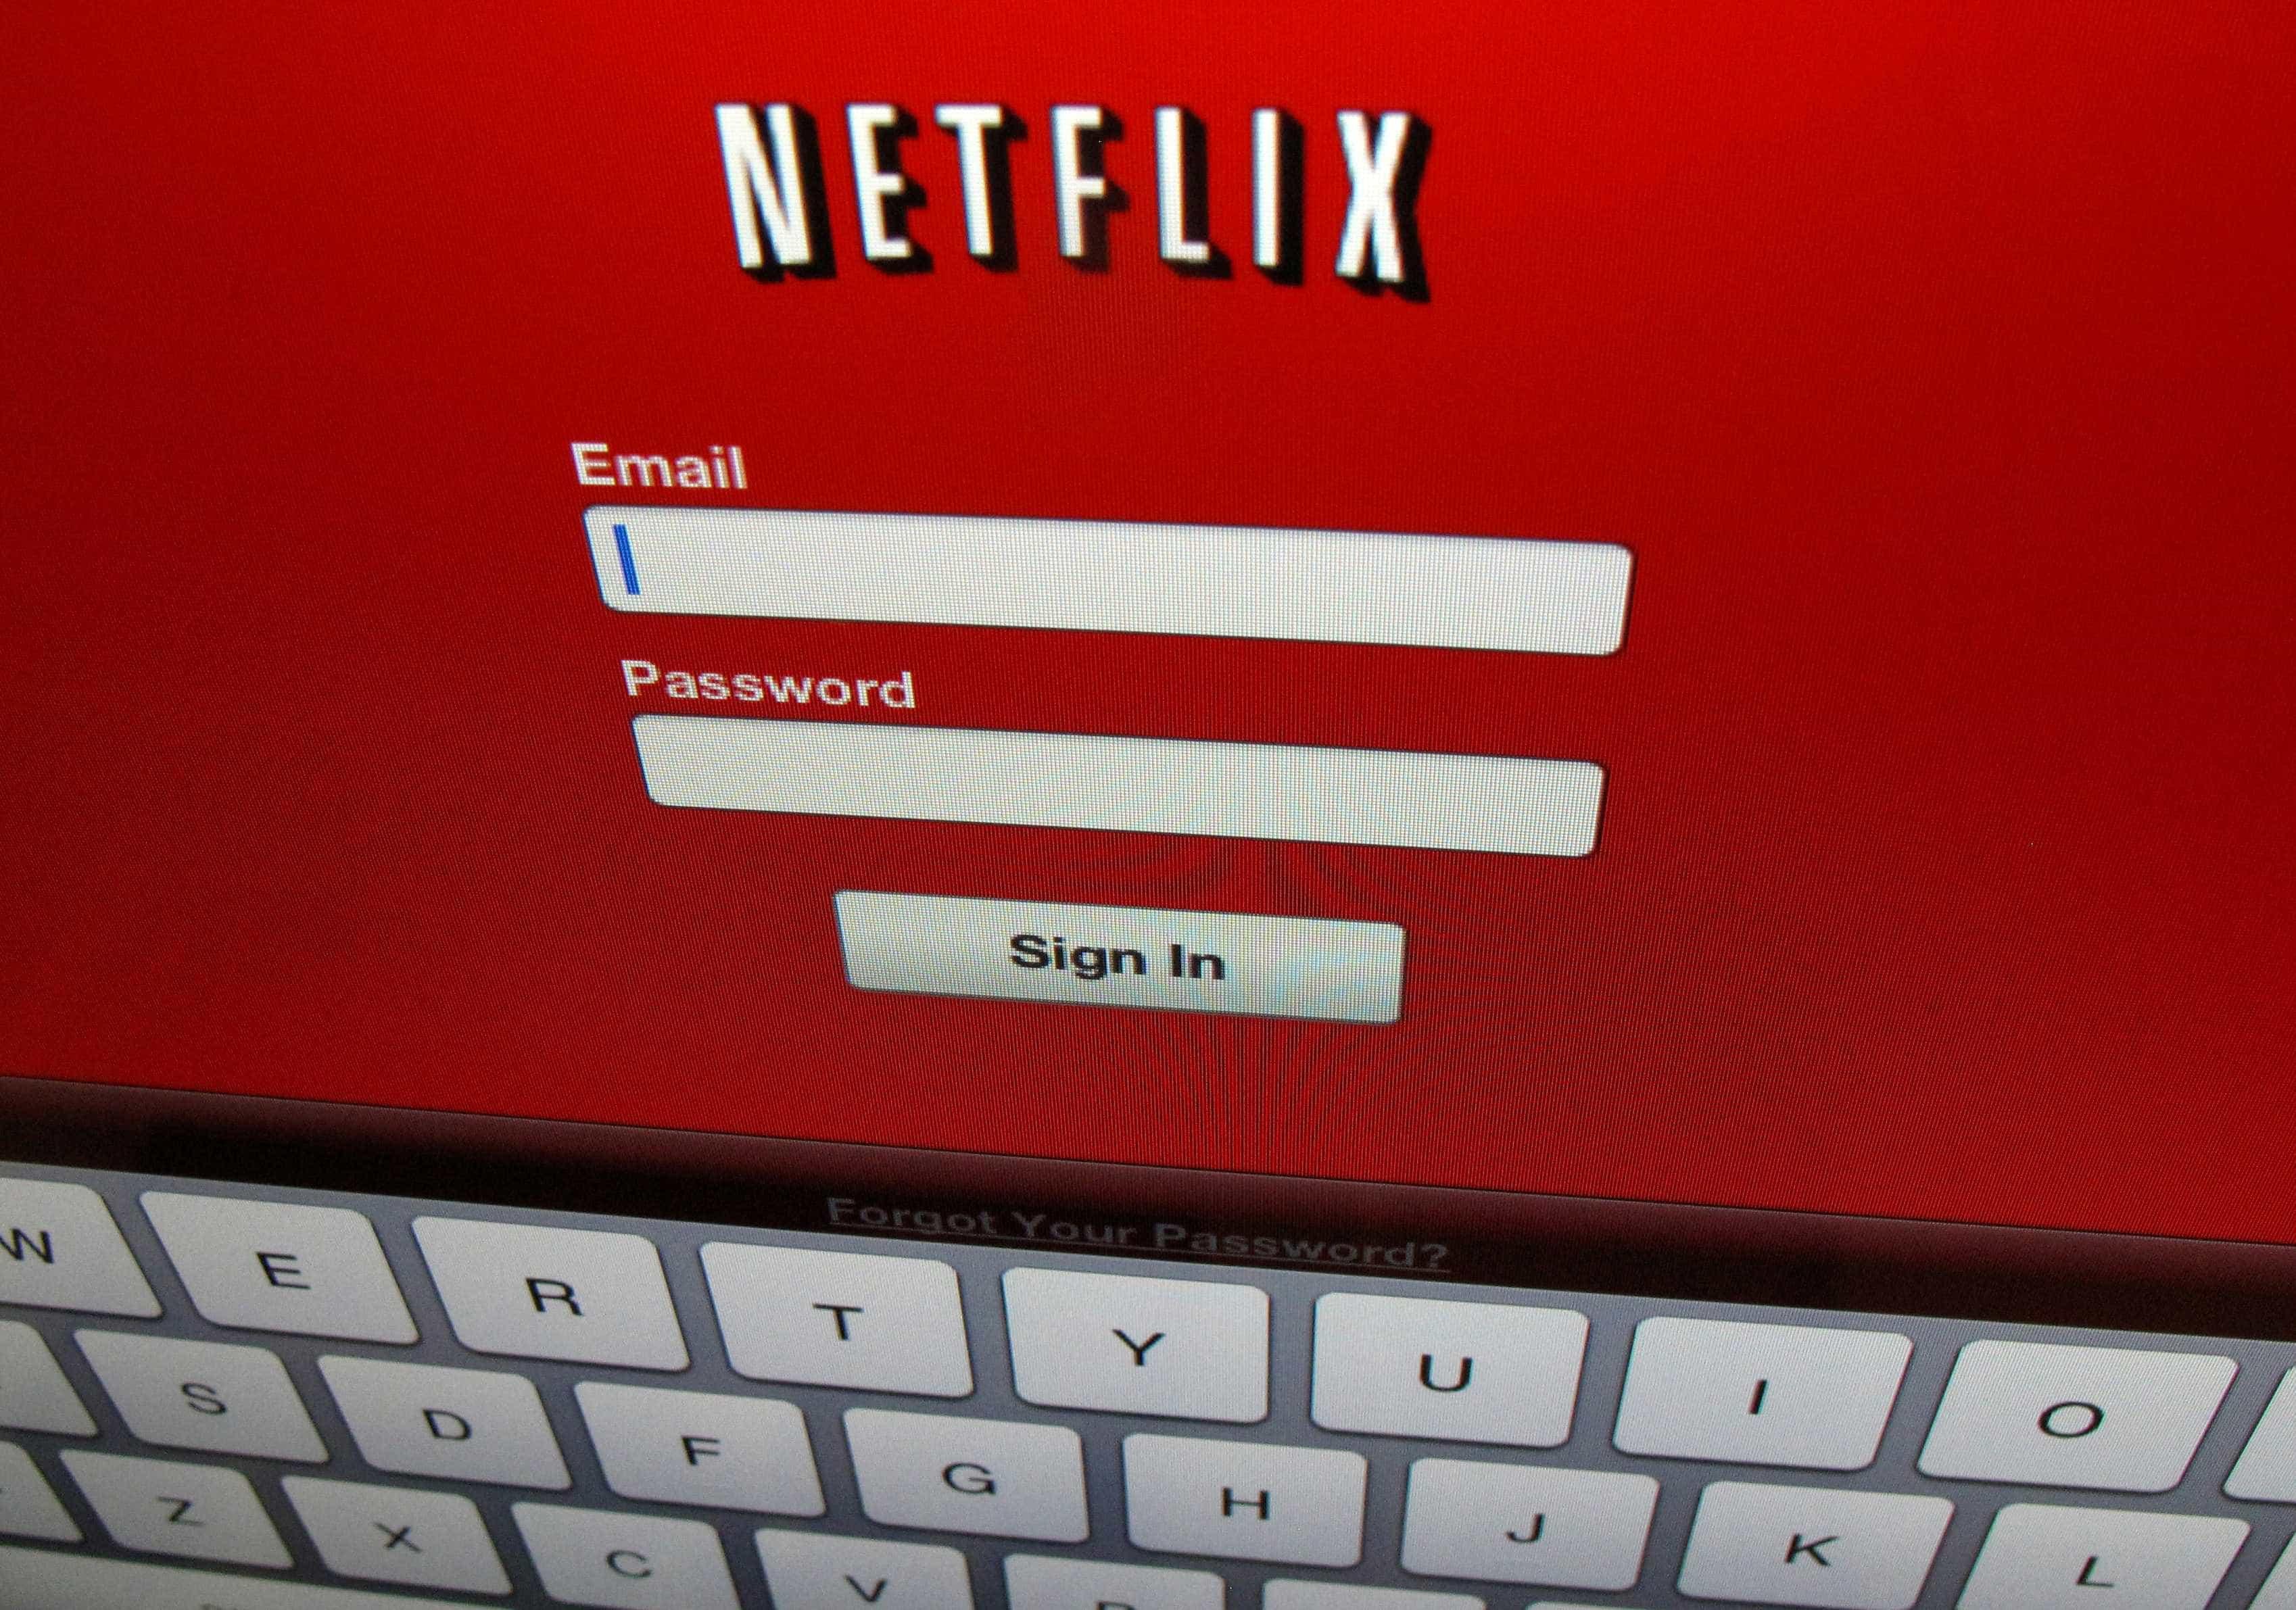 Netflix testa plano mais caro no Brasil e pode piorar os já existentes